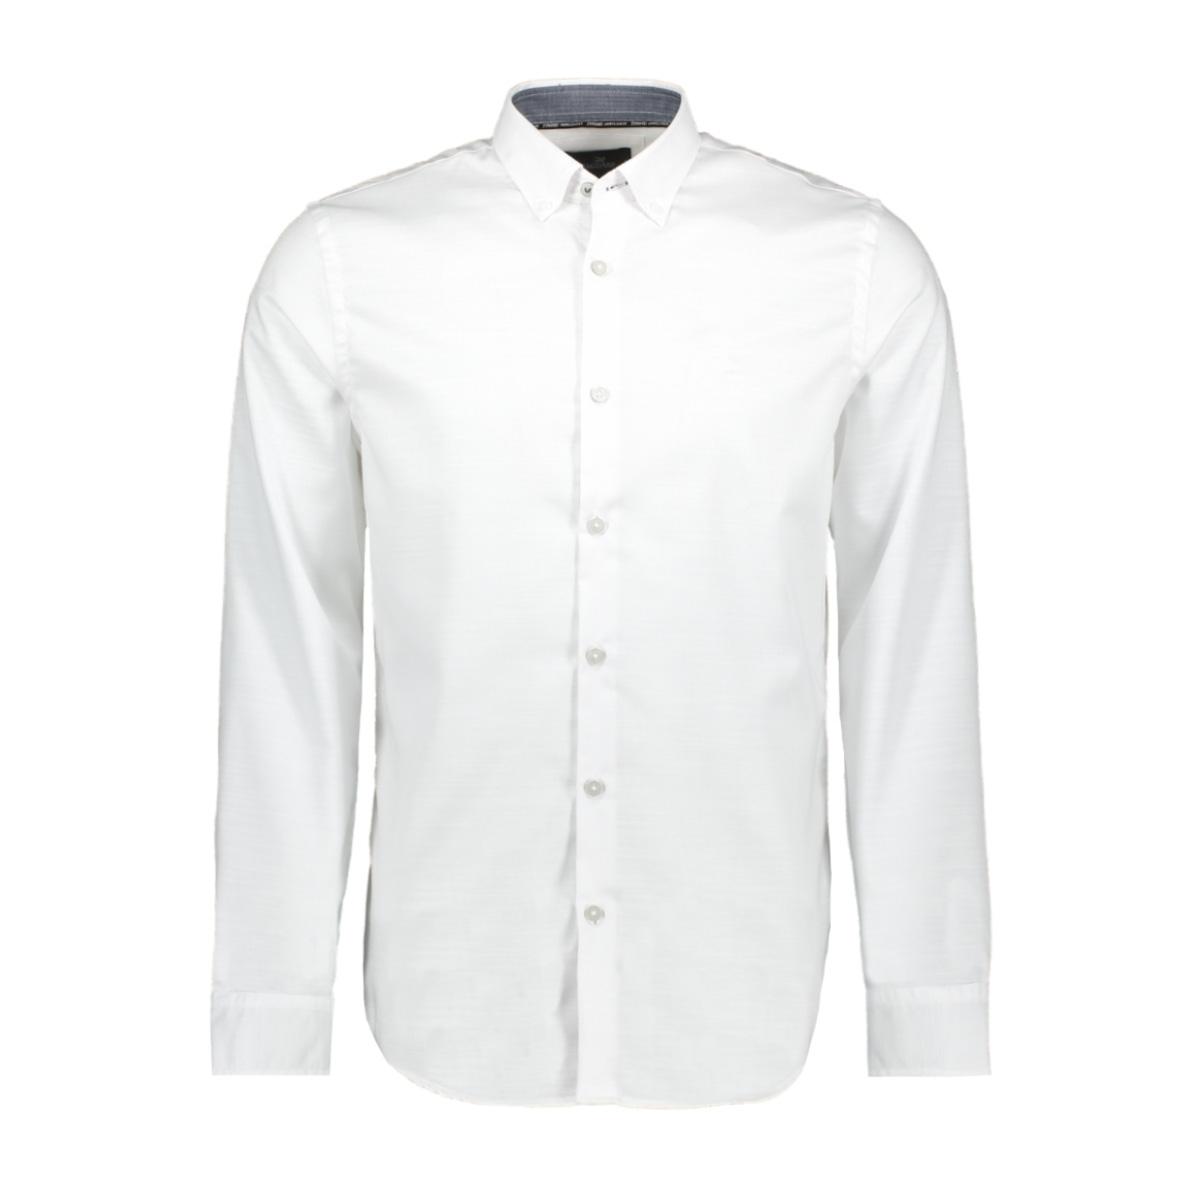 long sleeve shirt vsi196434 vanguard overhemd 7003